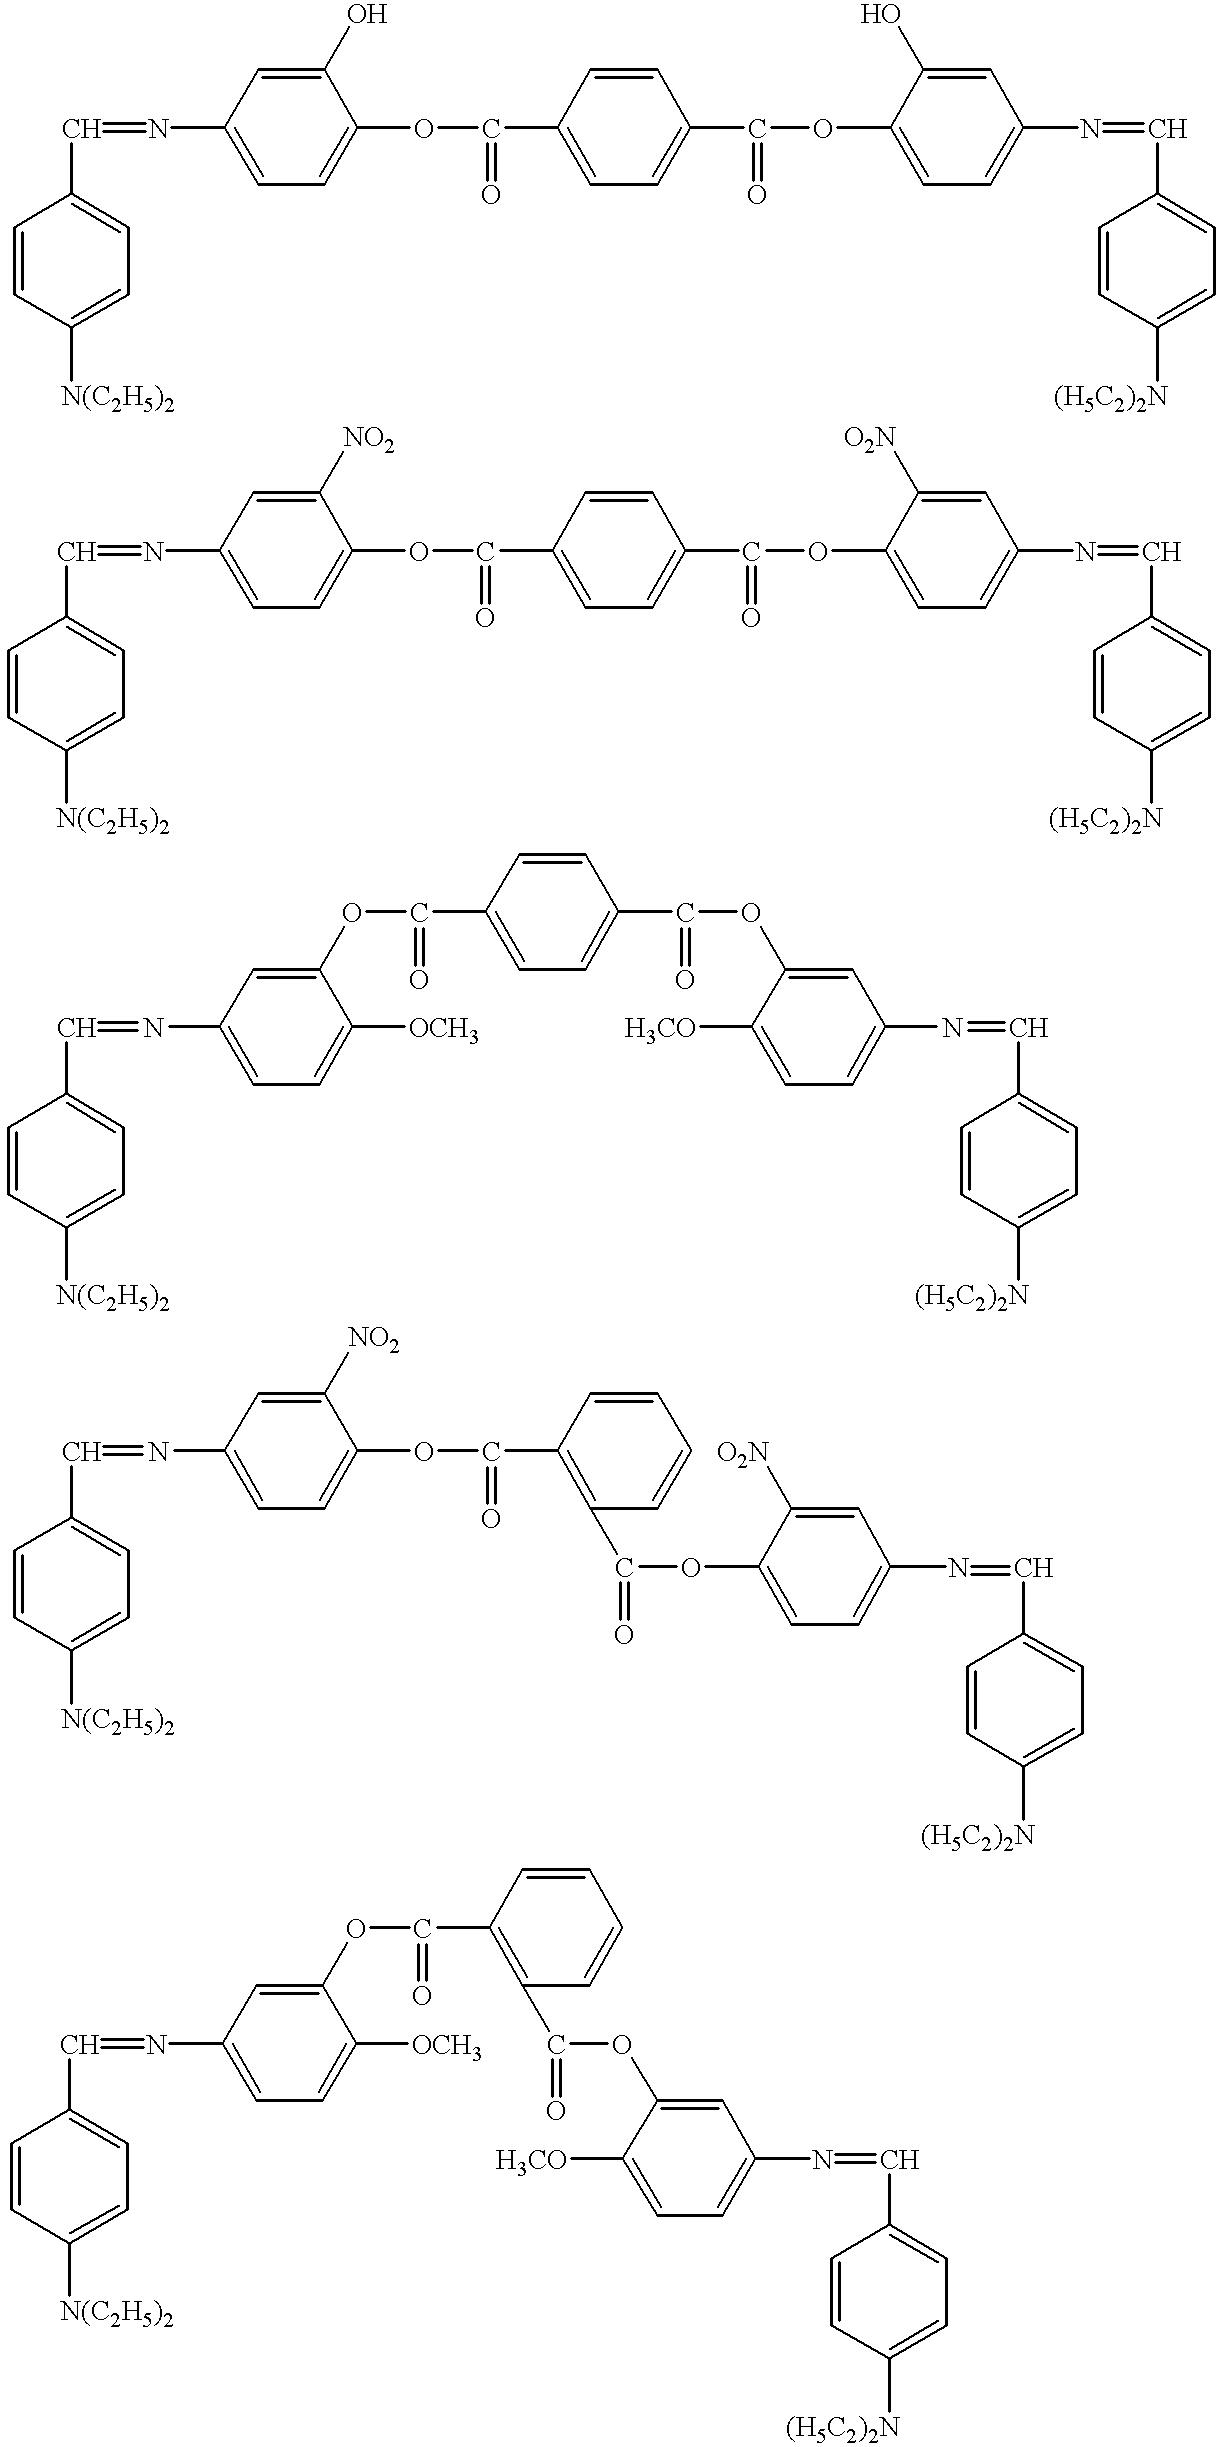 Figure US06268108-20010731-C00003